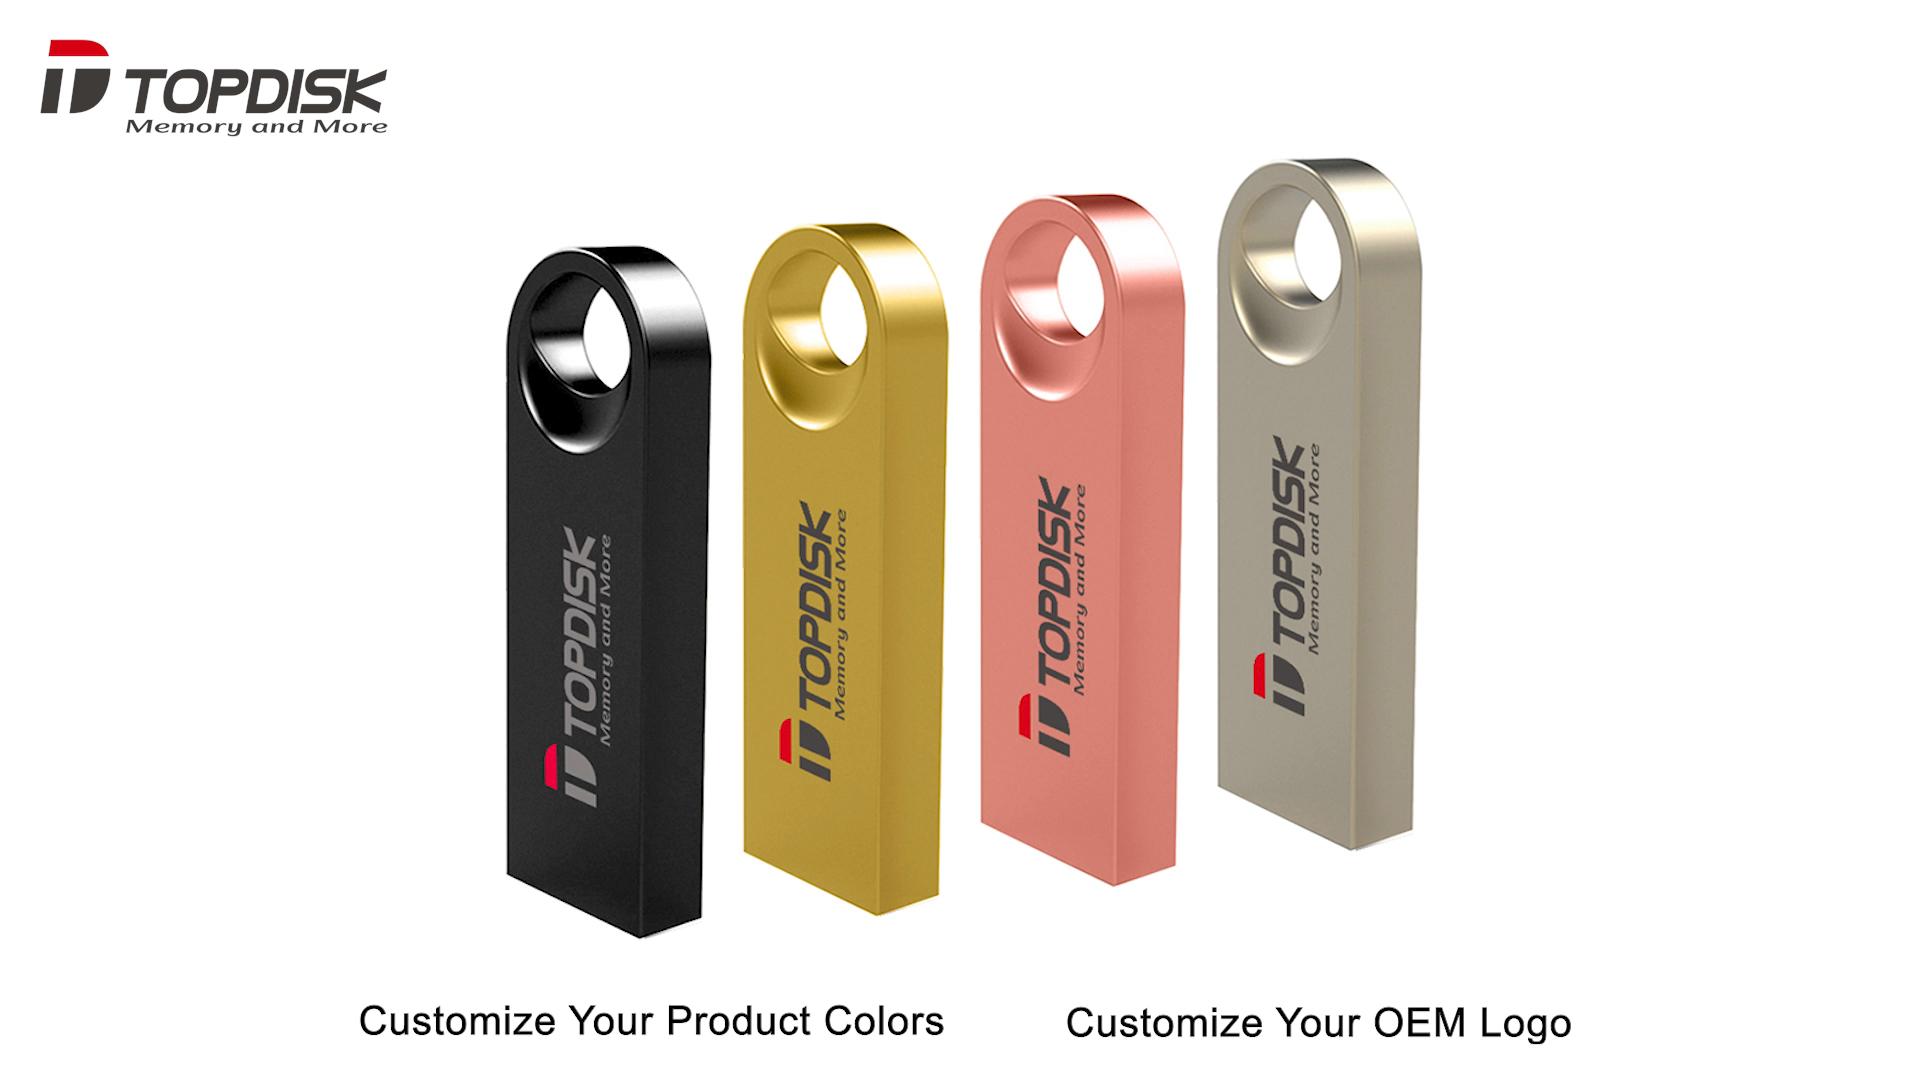 M36 2020 vendiendo la mejor calidad productos costo-efectivas de memoria